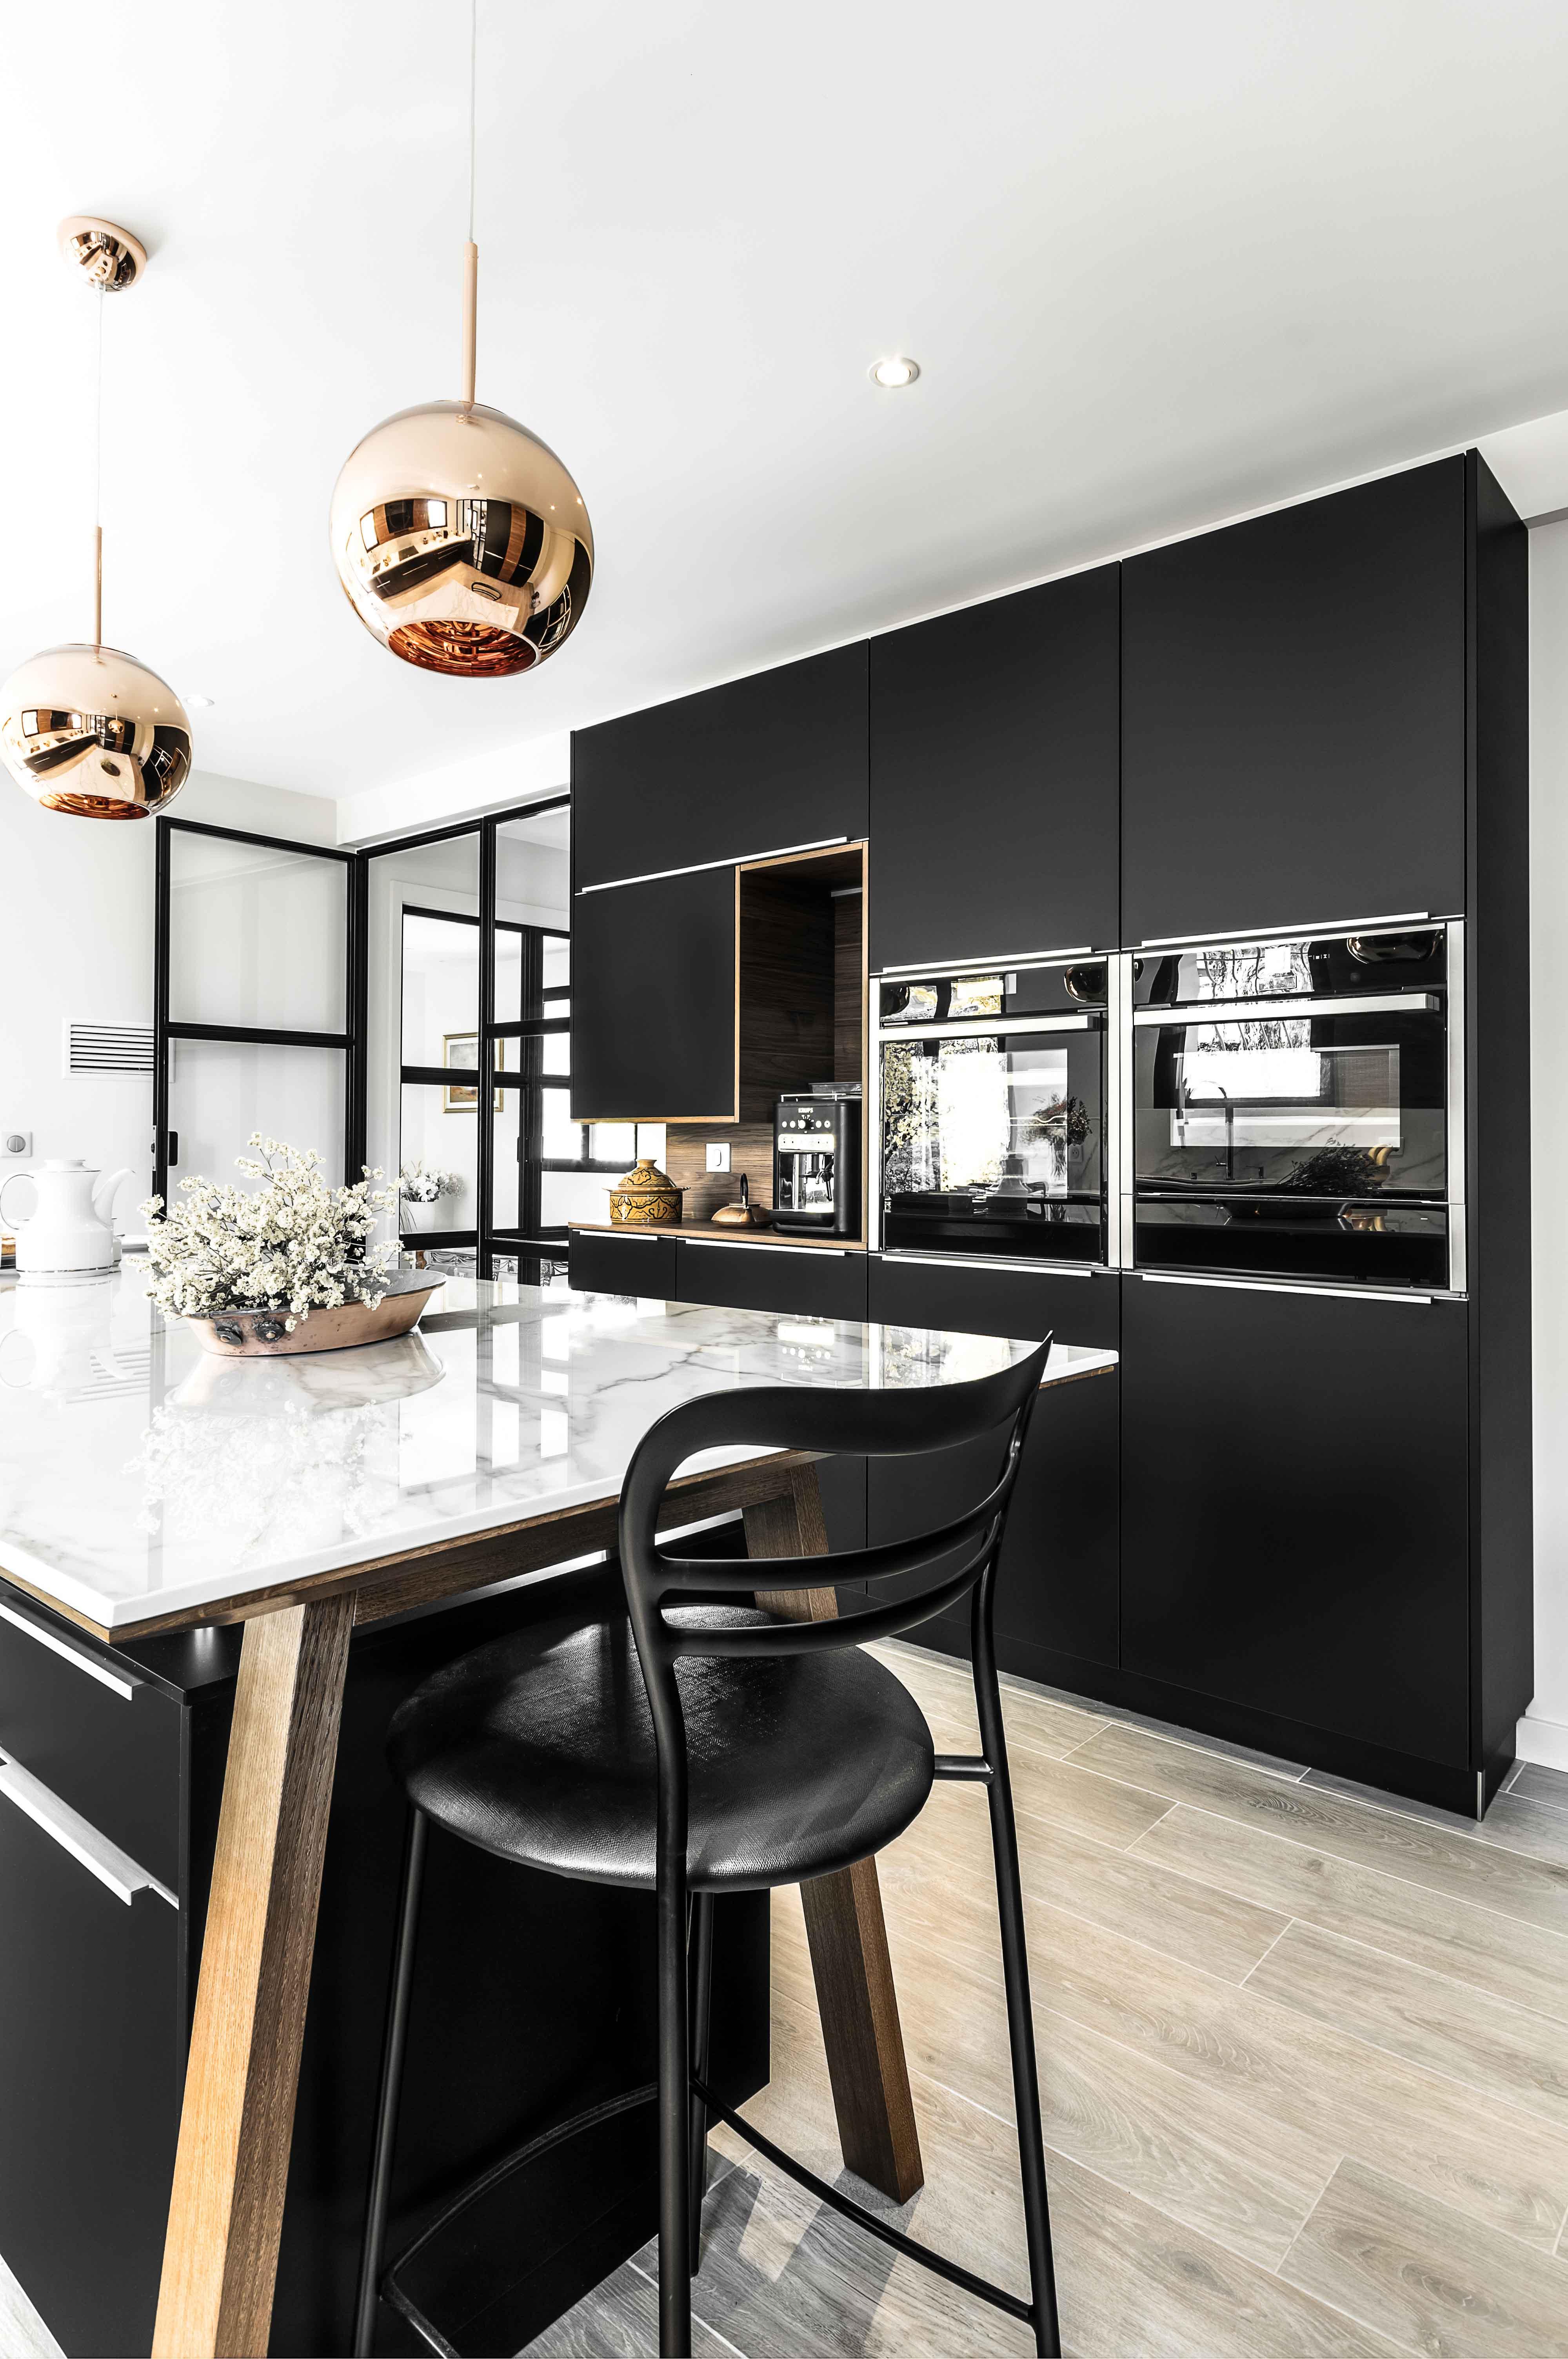 alliance du bois du marbre et du noir pour une cuisine aux influences modernes et nordiques